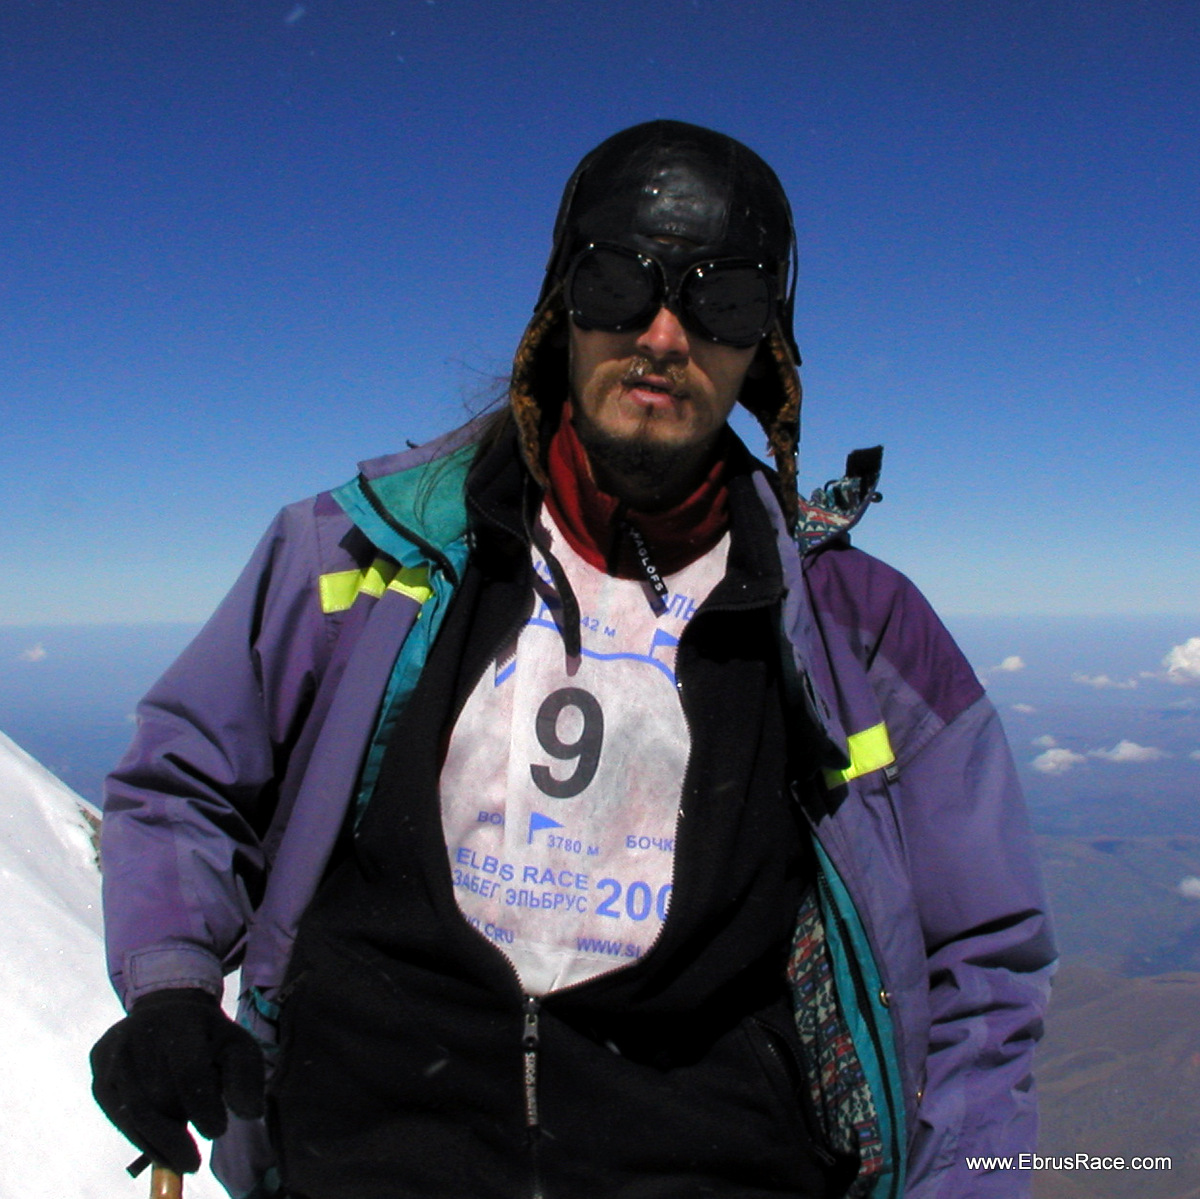 First winner of the first (2005) Elbrus Race-  Михаил Осипов (Брэд) - первый победитель, первого возобновленного Забега на Эльбрус. 2005 год